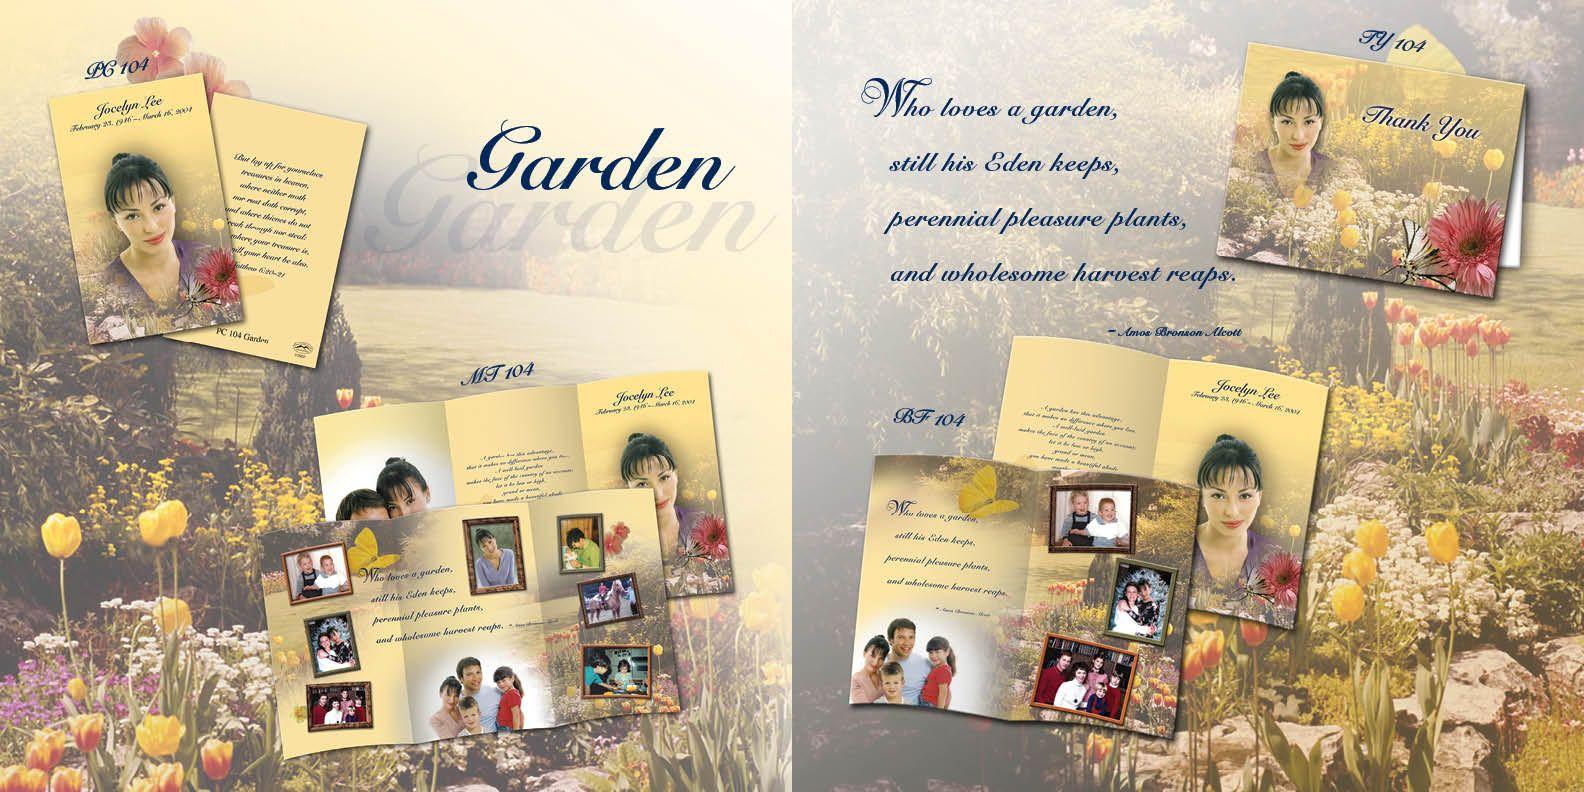 104 Garden